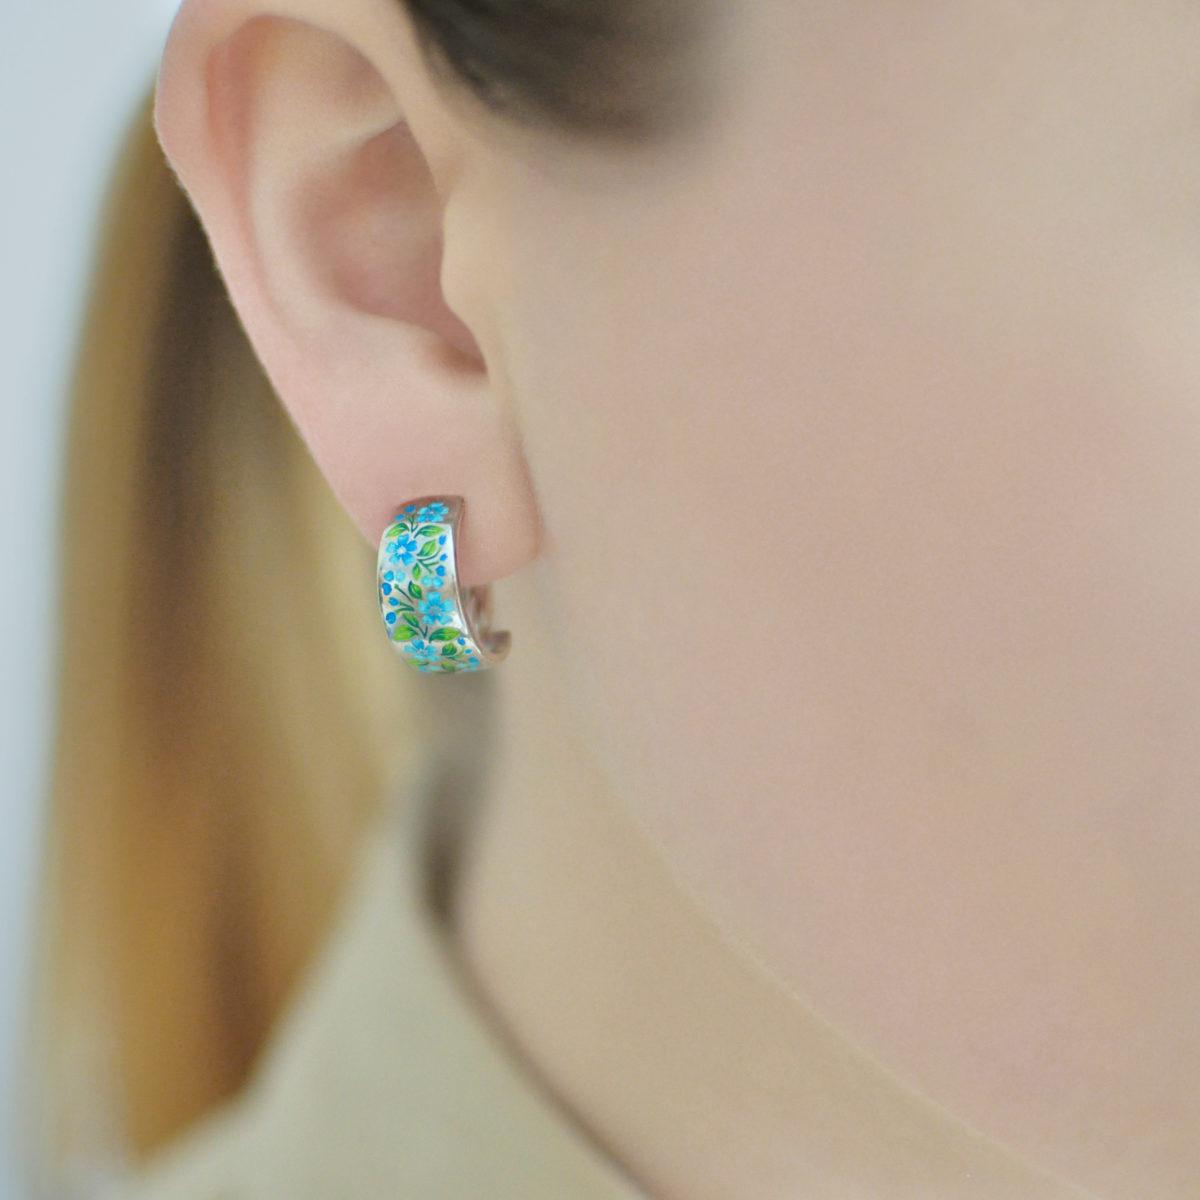 serebro golubaya 1200x1200 - Серьги-полукольца серебряные «Незабудки», голубые